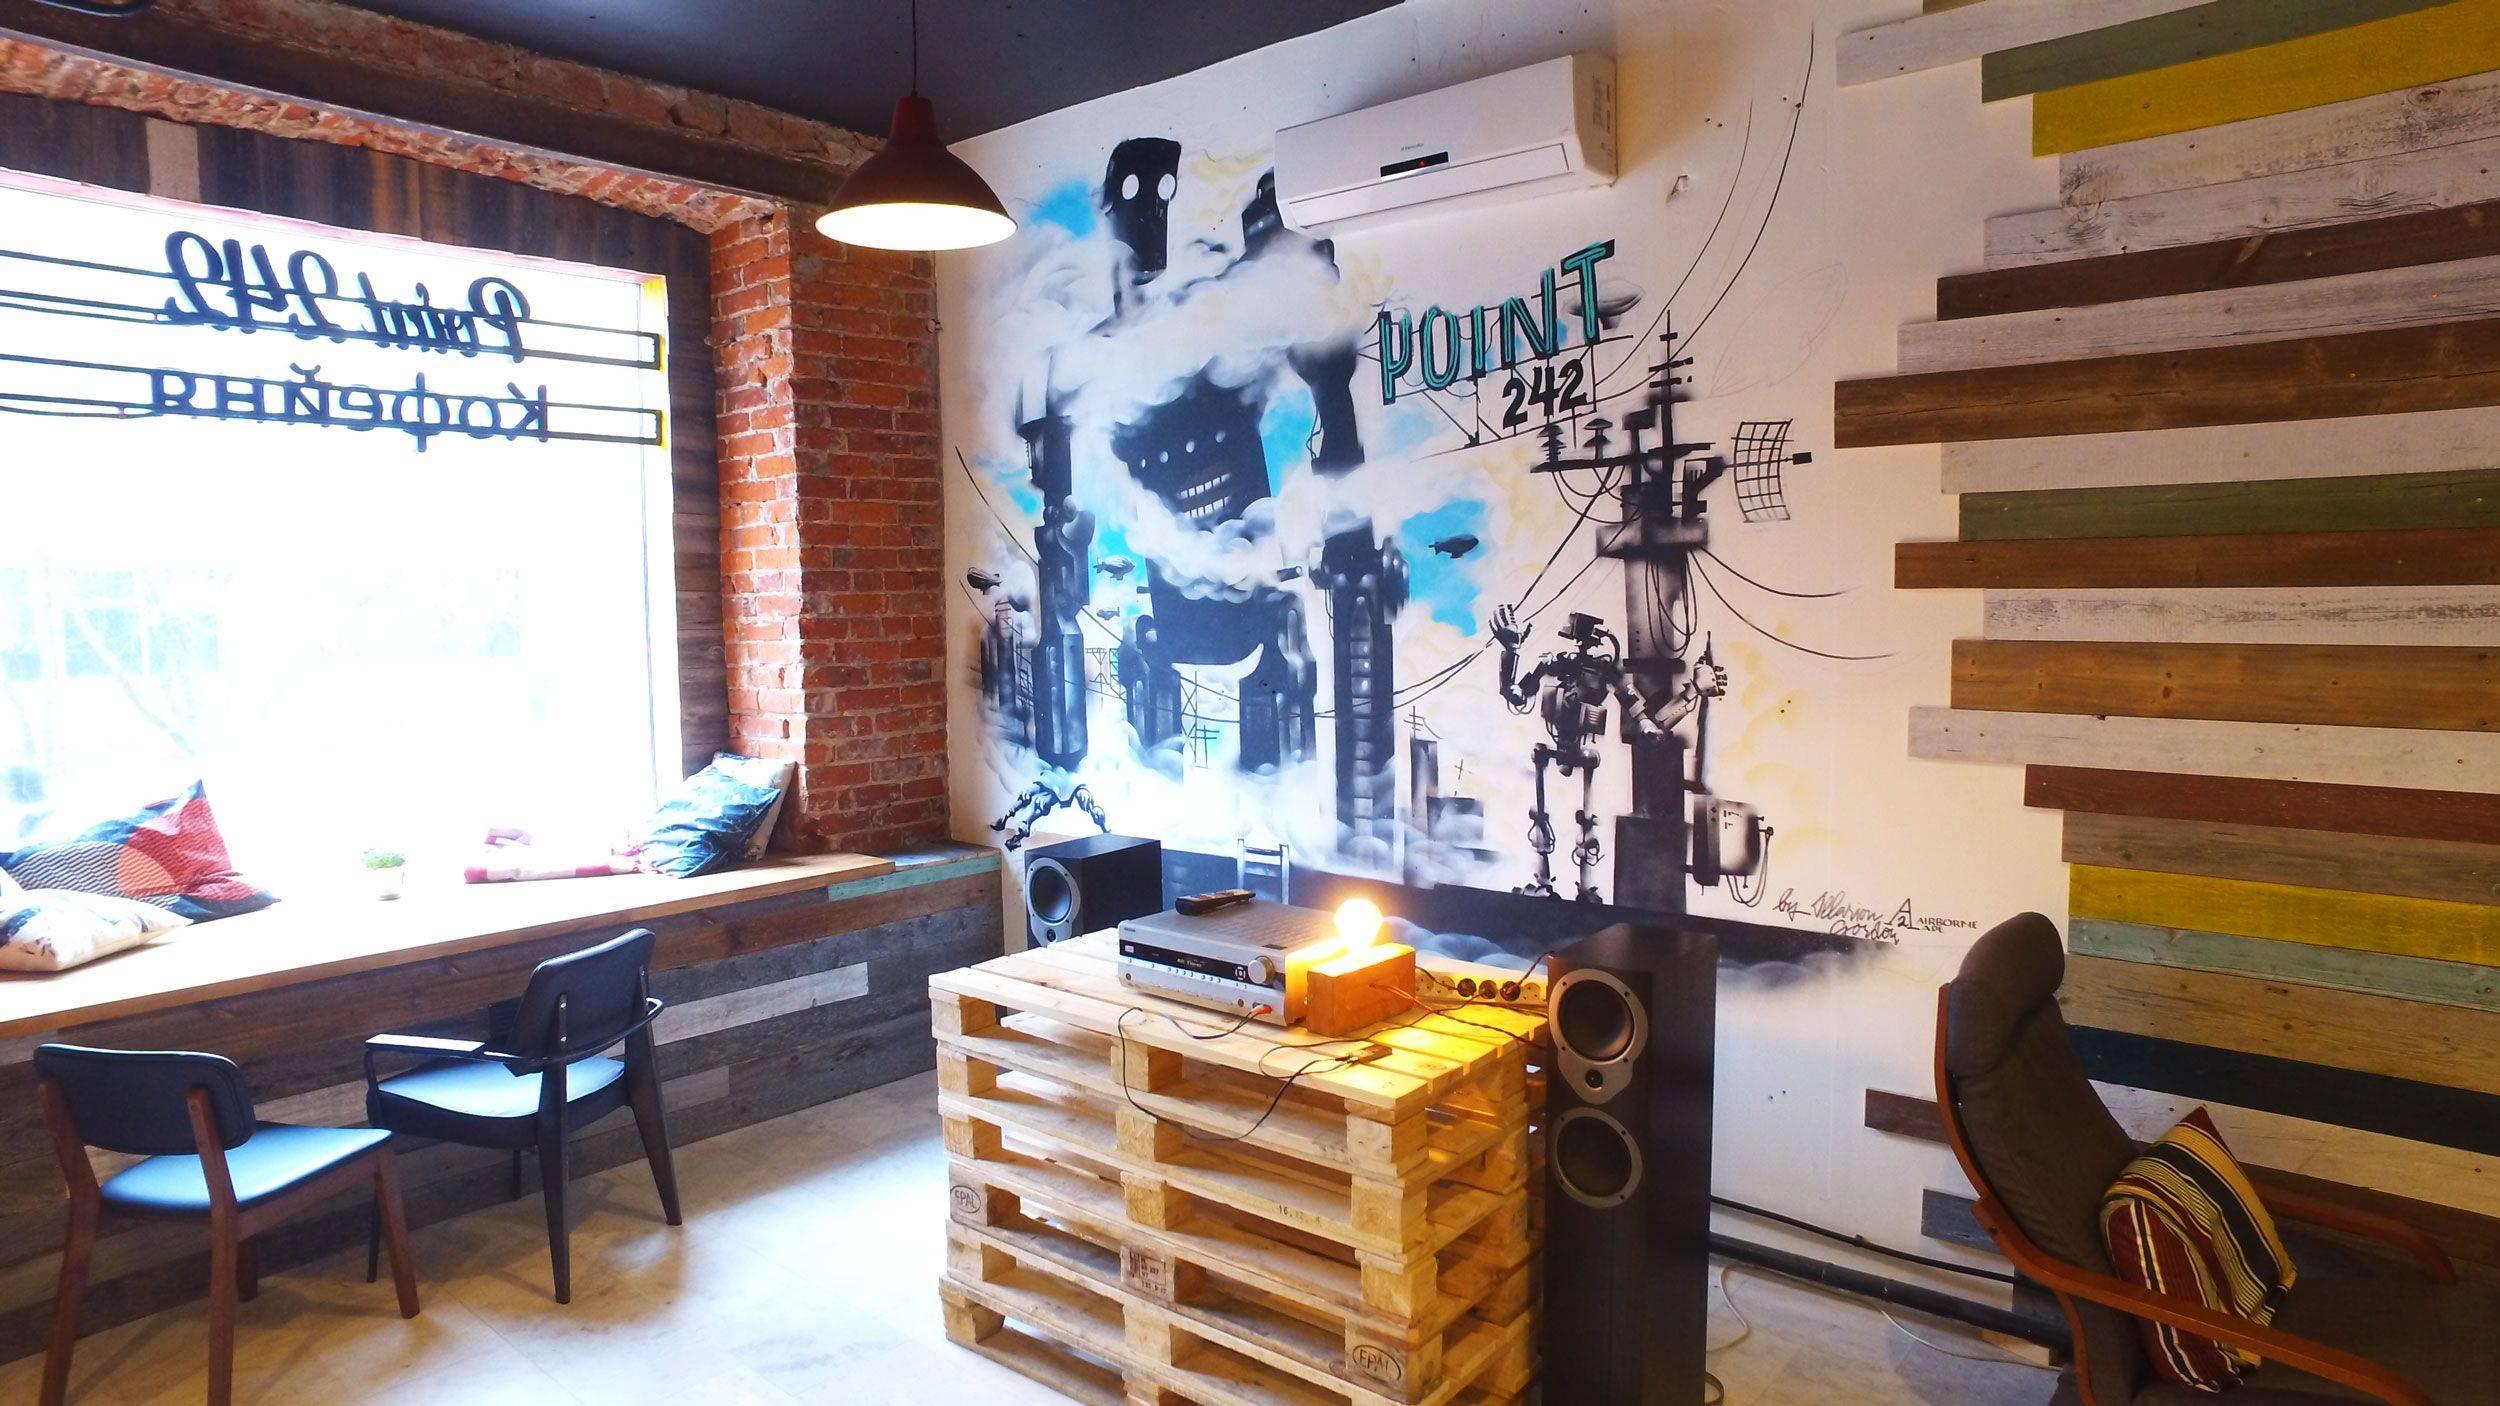 Кофейня открыта для творческих людей - здесь проходят живые выступления